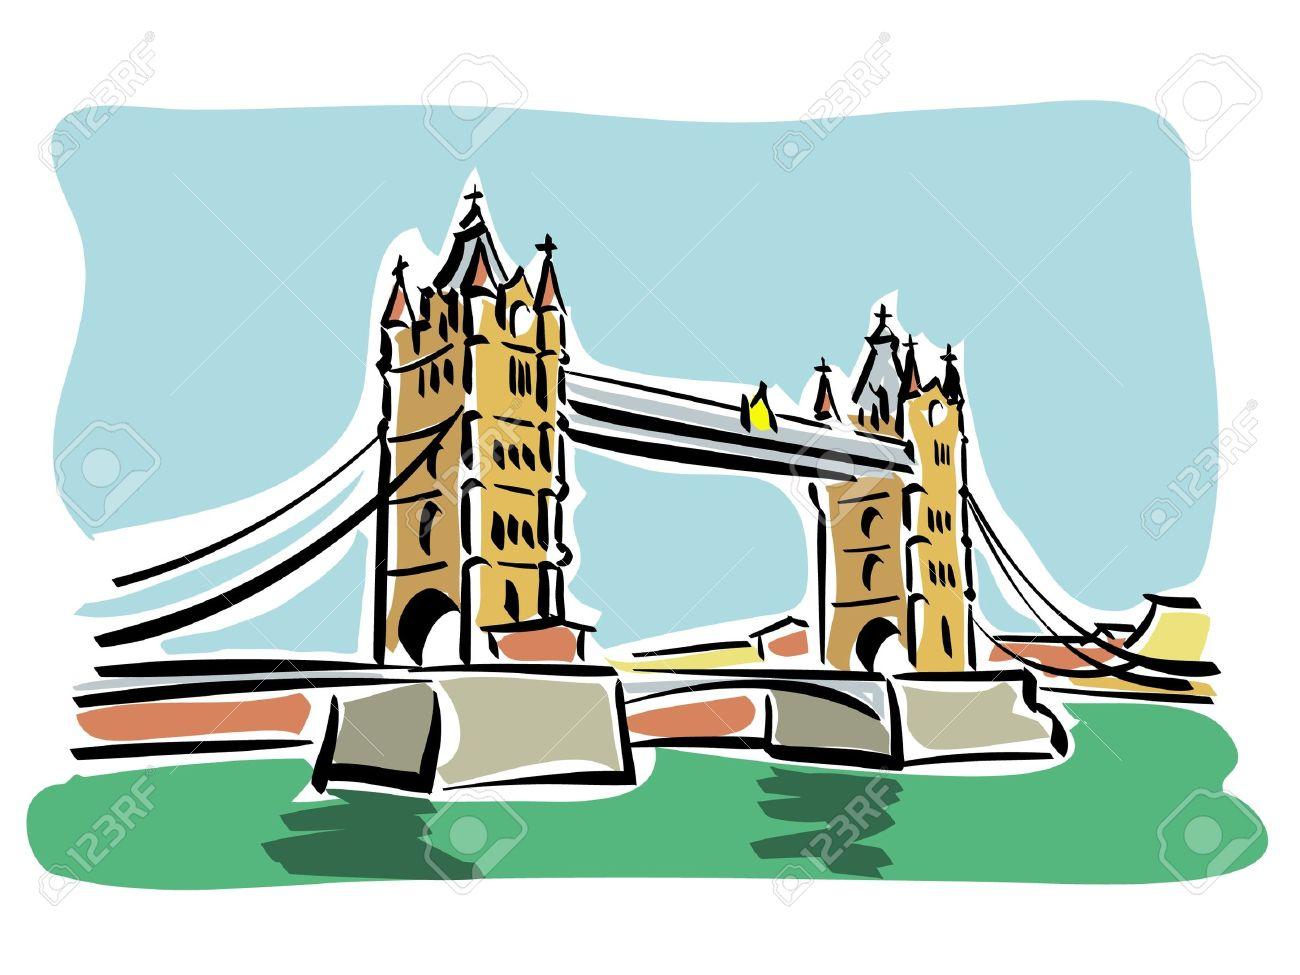 London bridge clipart 6 » Clipart Station.